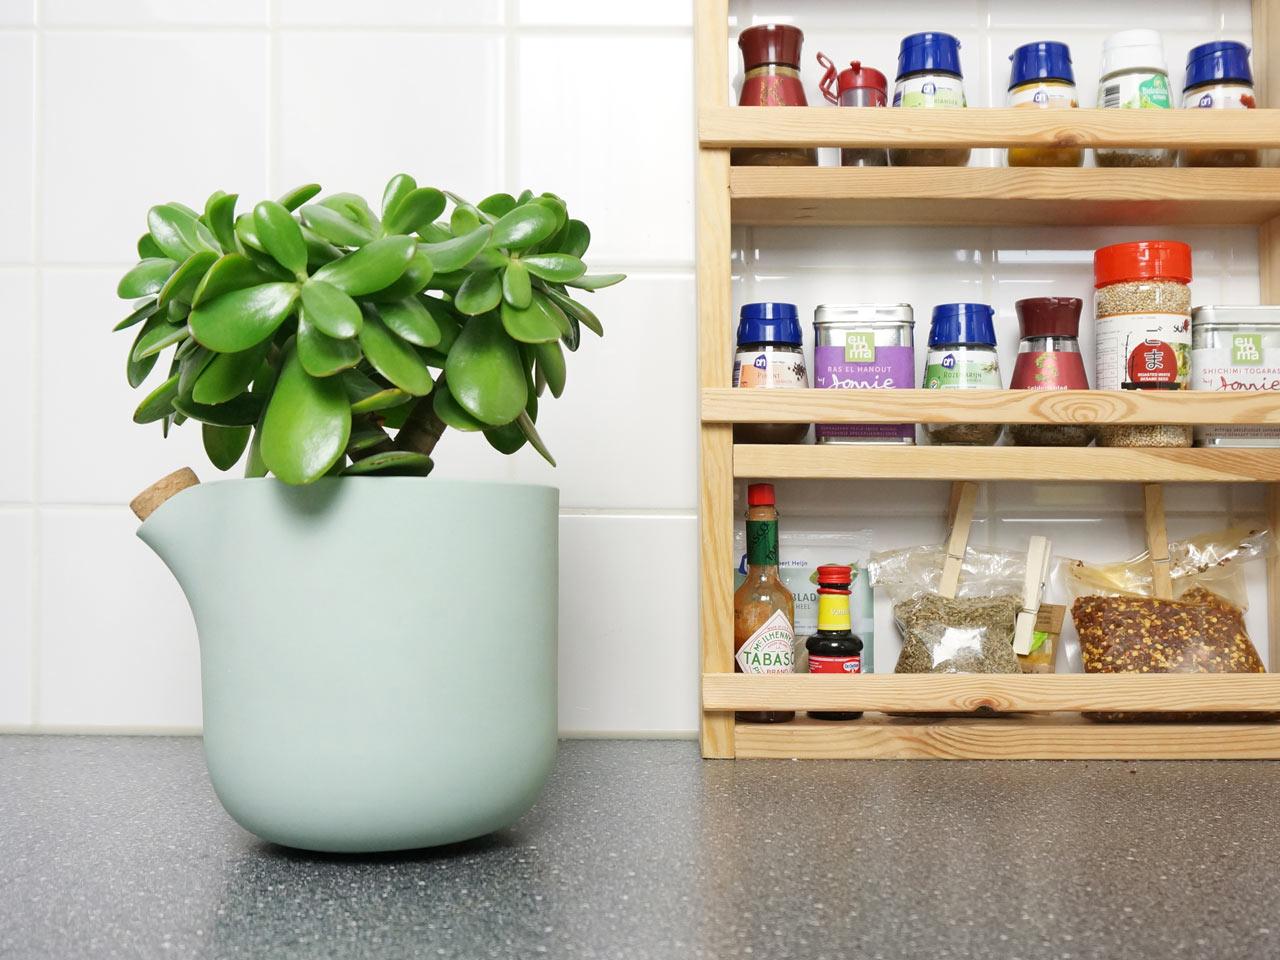 05-com-este-vaso-voce-so-precisa-regar-as-plantas-uma-vez-por-mes